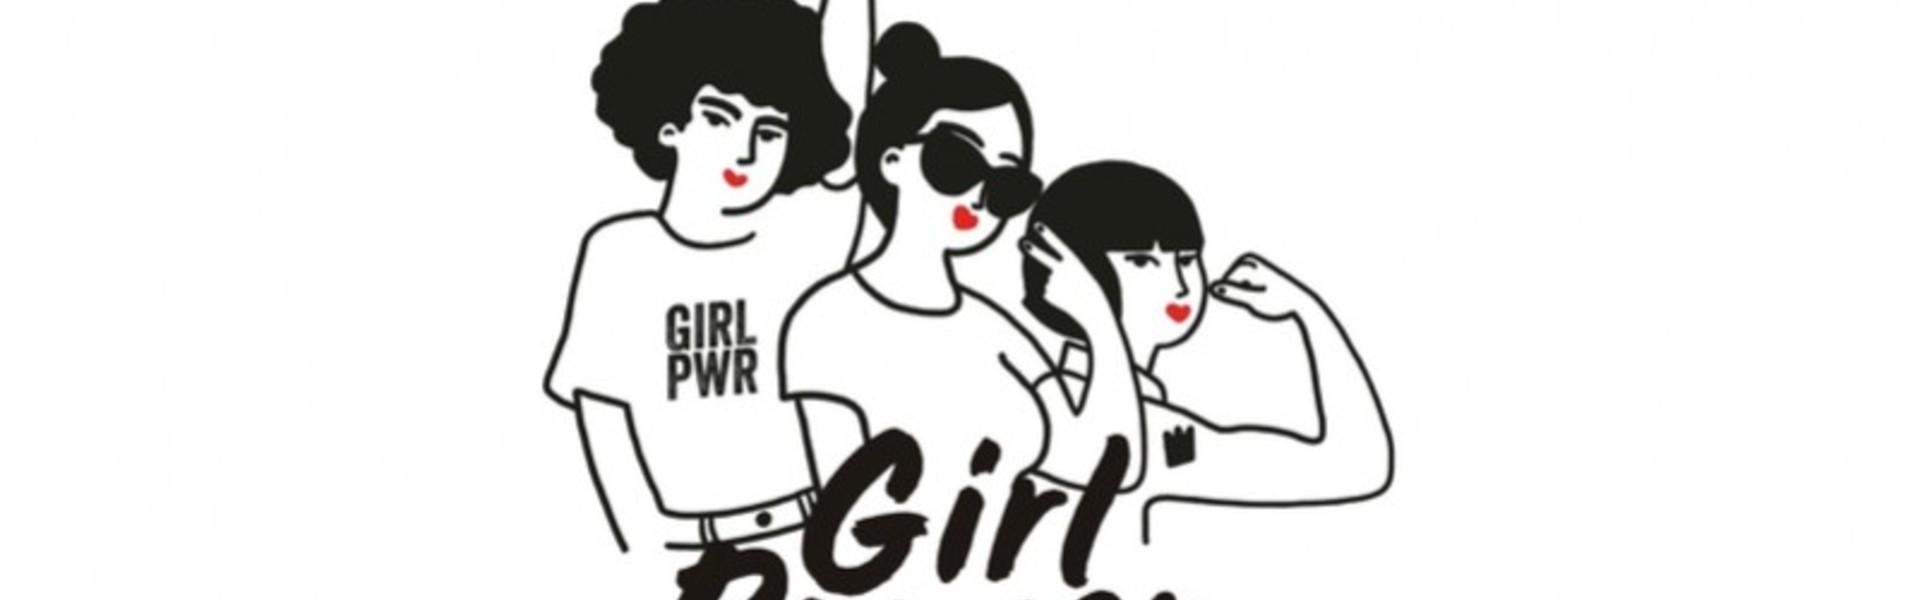 3575_613_l_girlpower-event-1